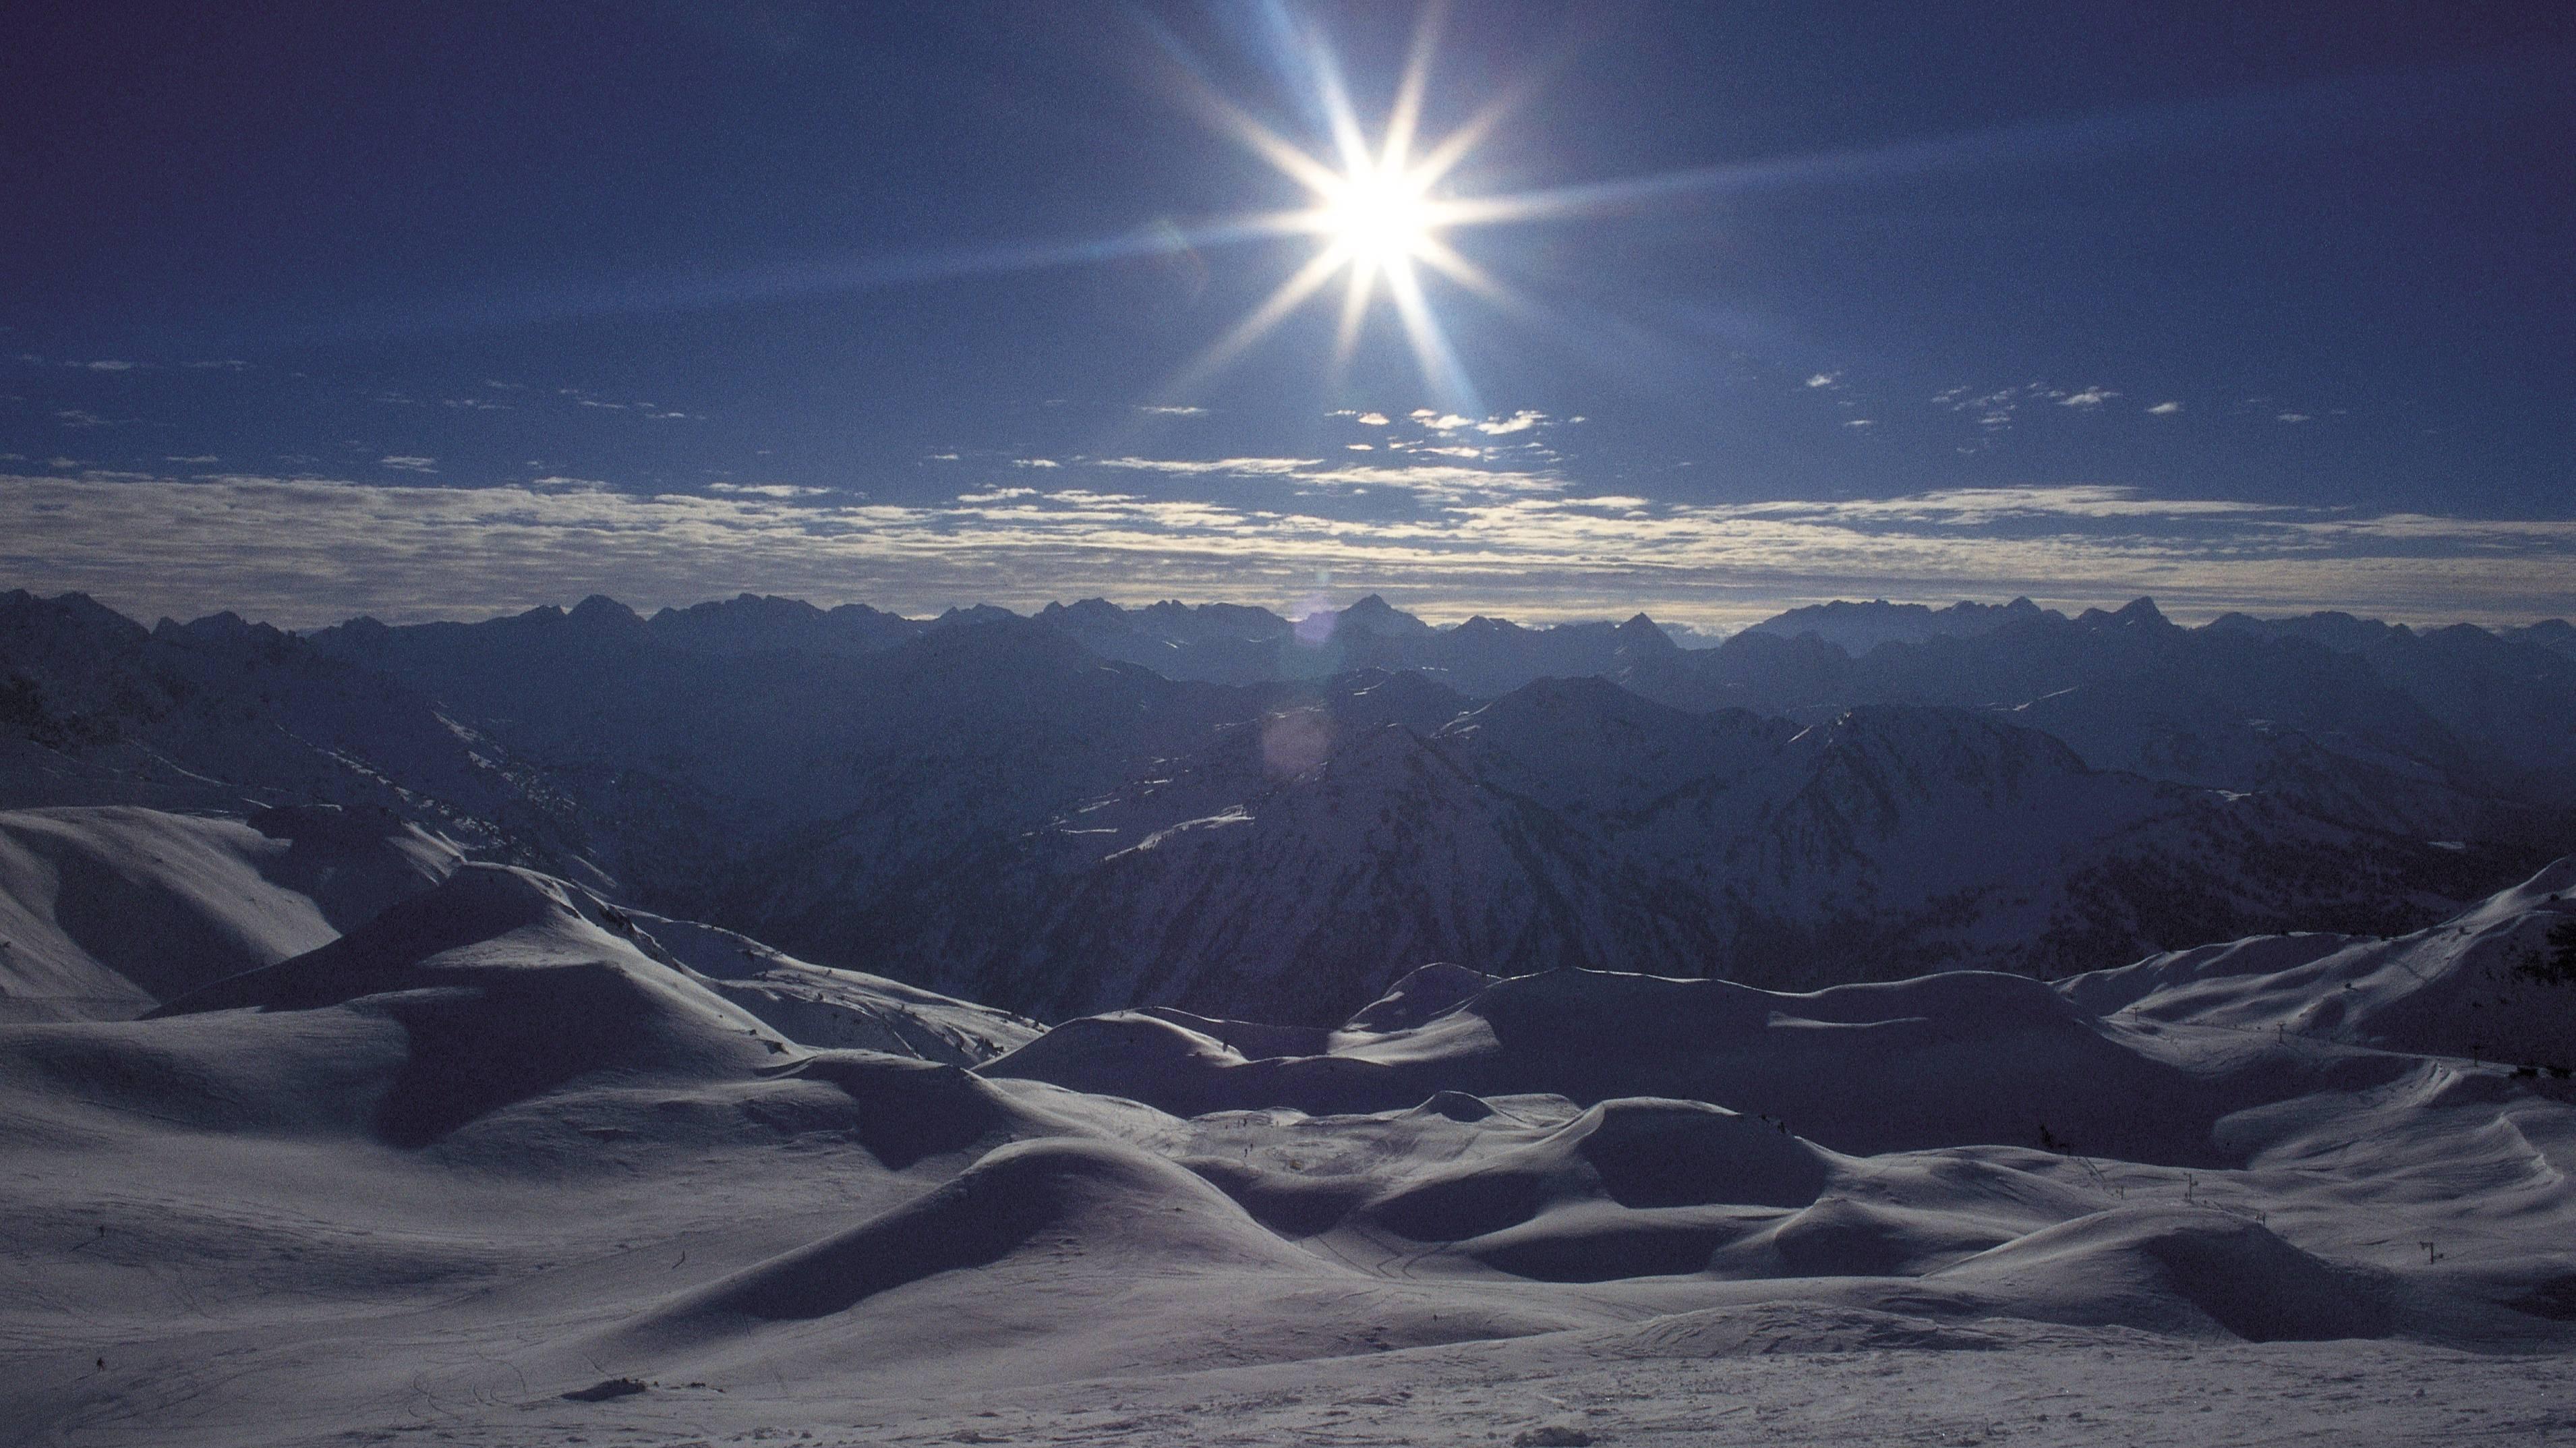 Baqueira Beret ski resort Panoramic view of the Baqueira Beret ski resort